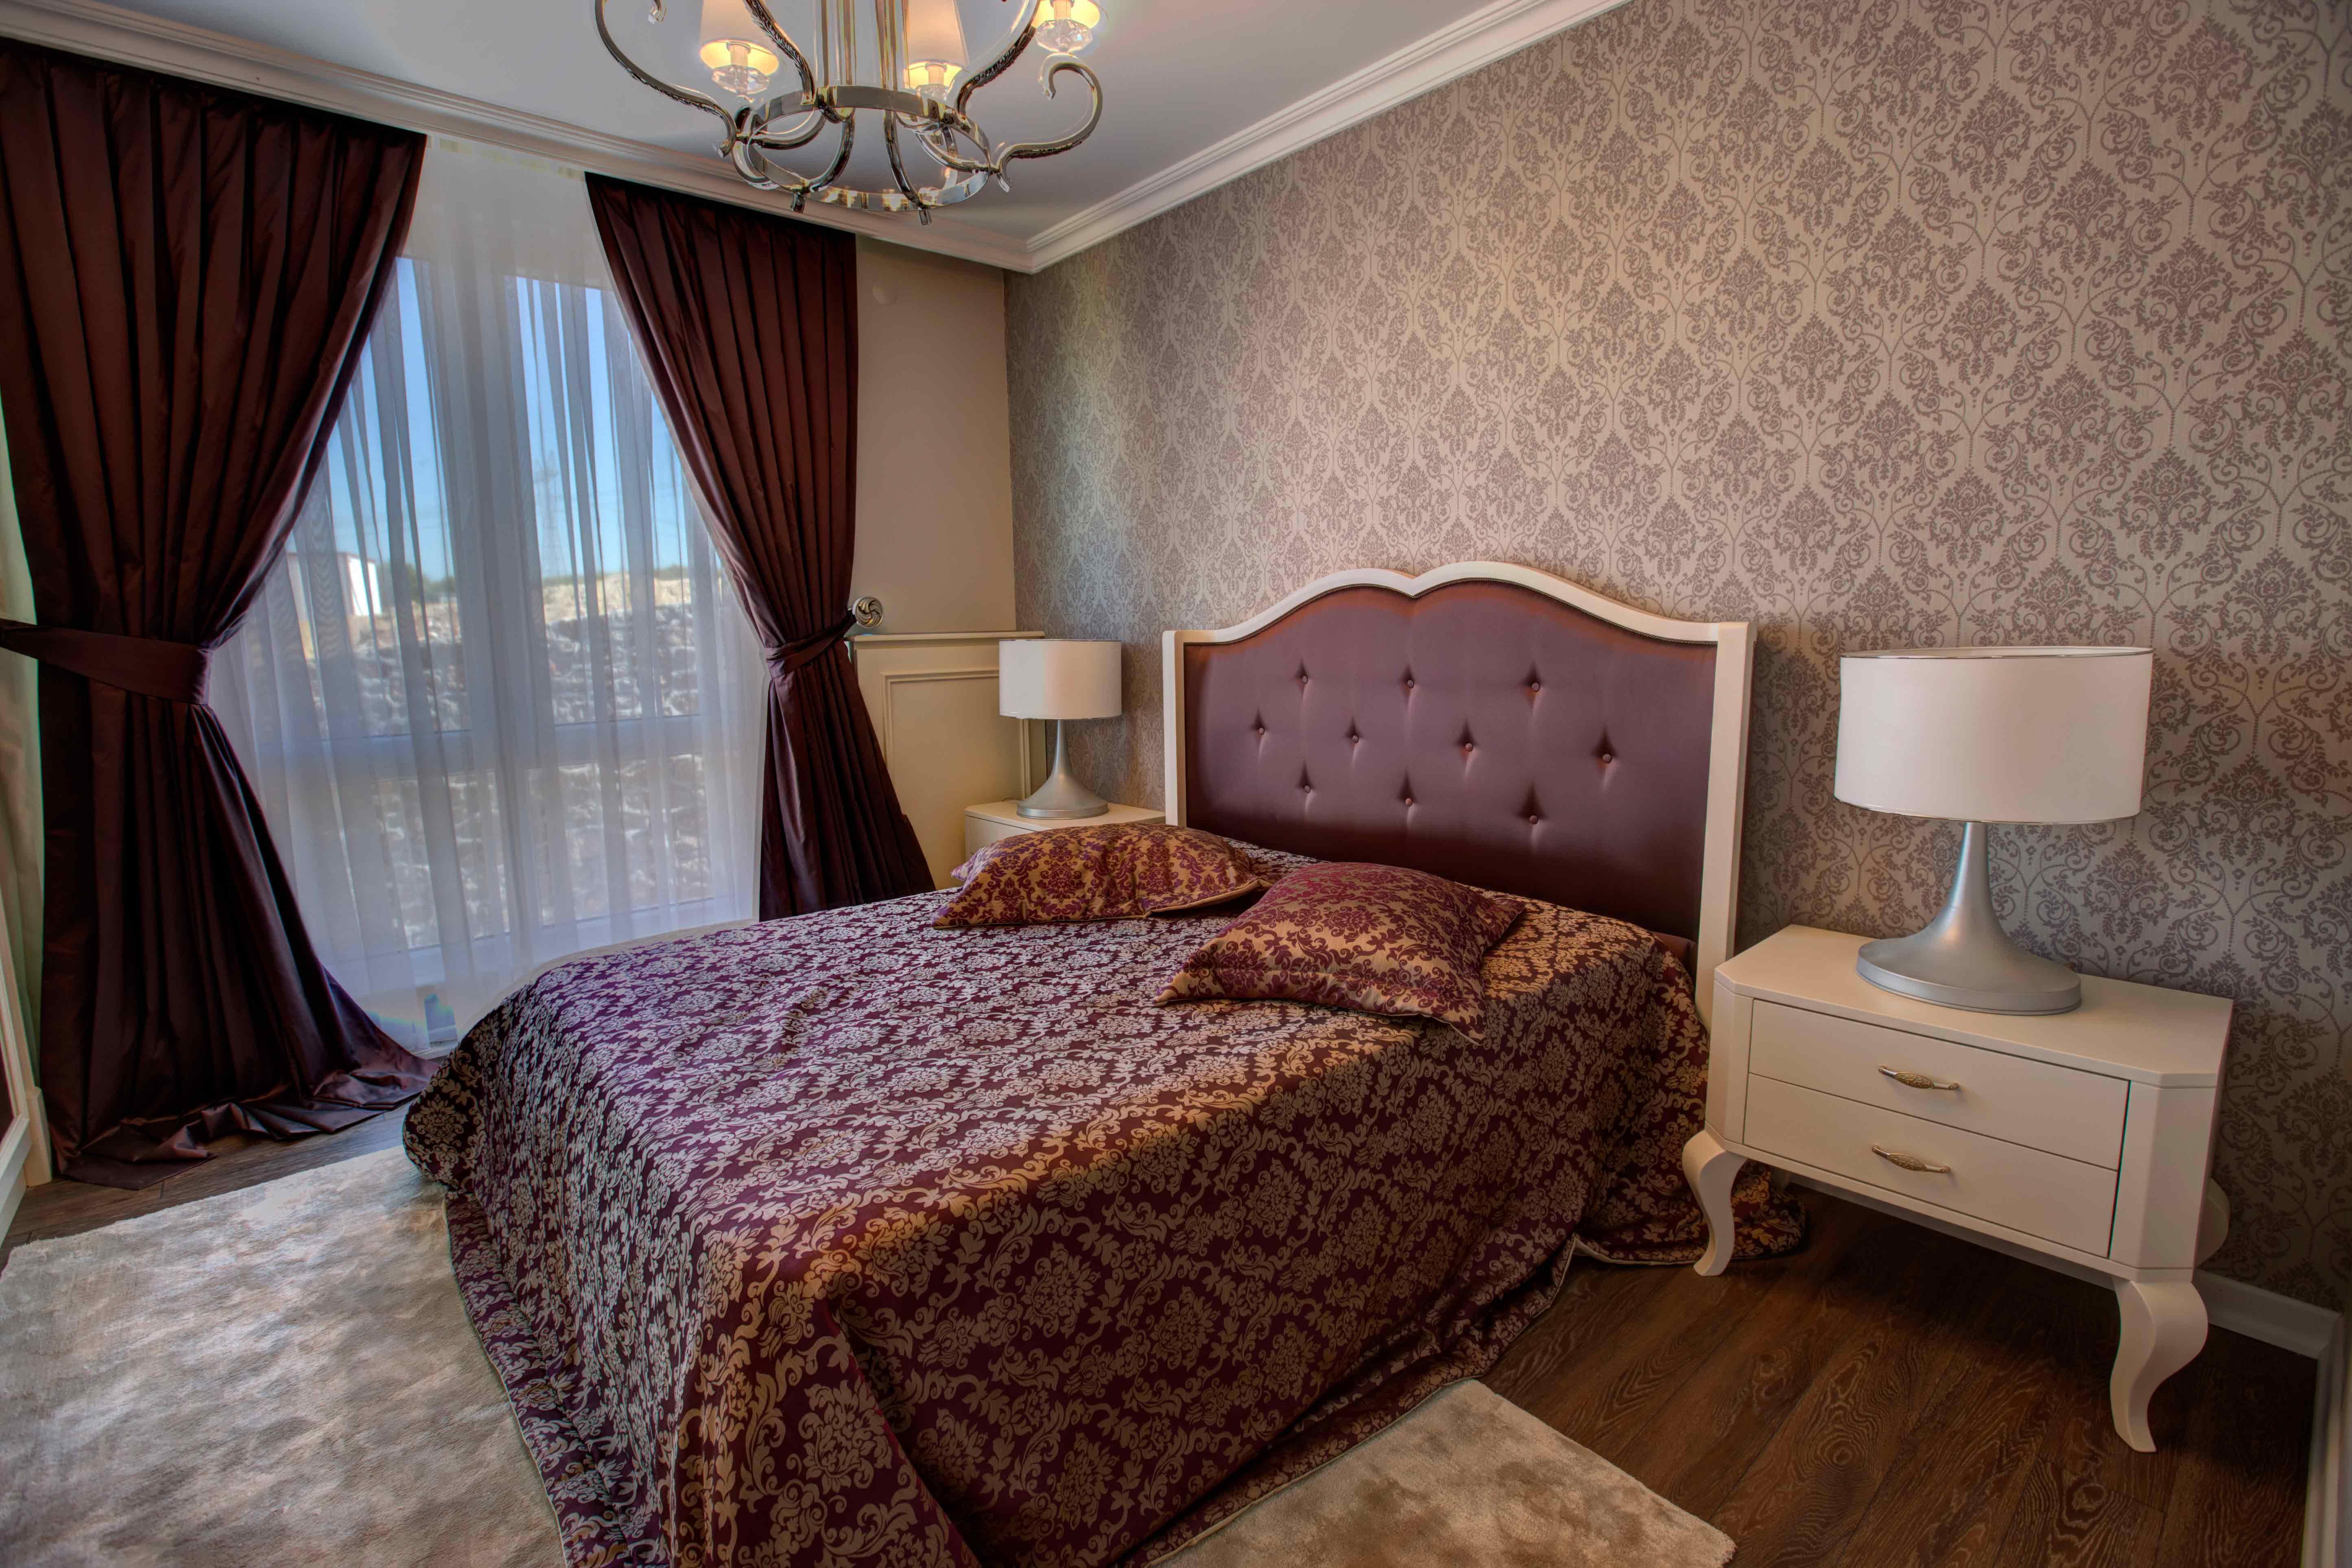 غرفة نوم 2 من الشقة النموذجية